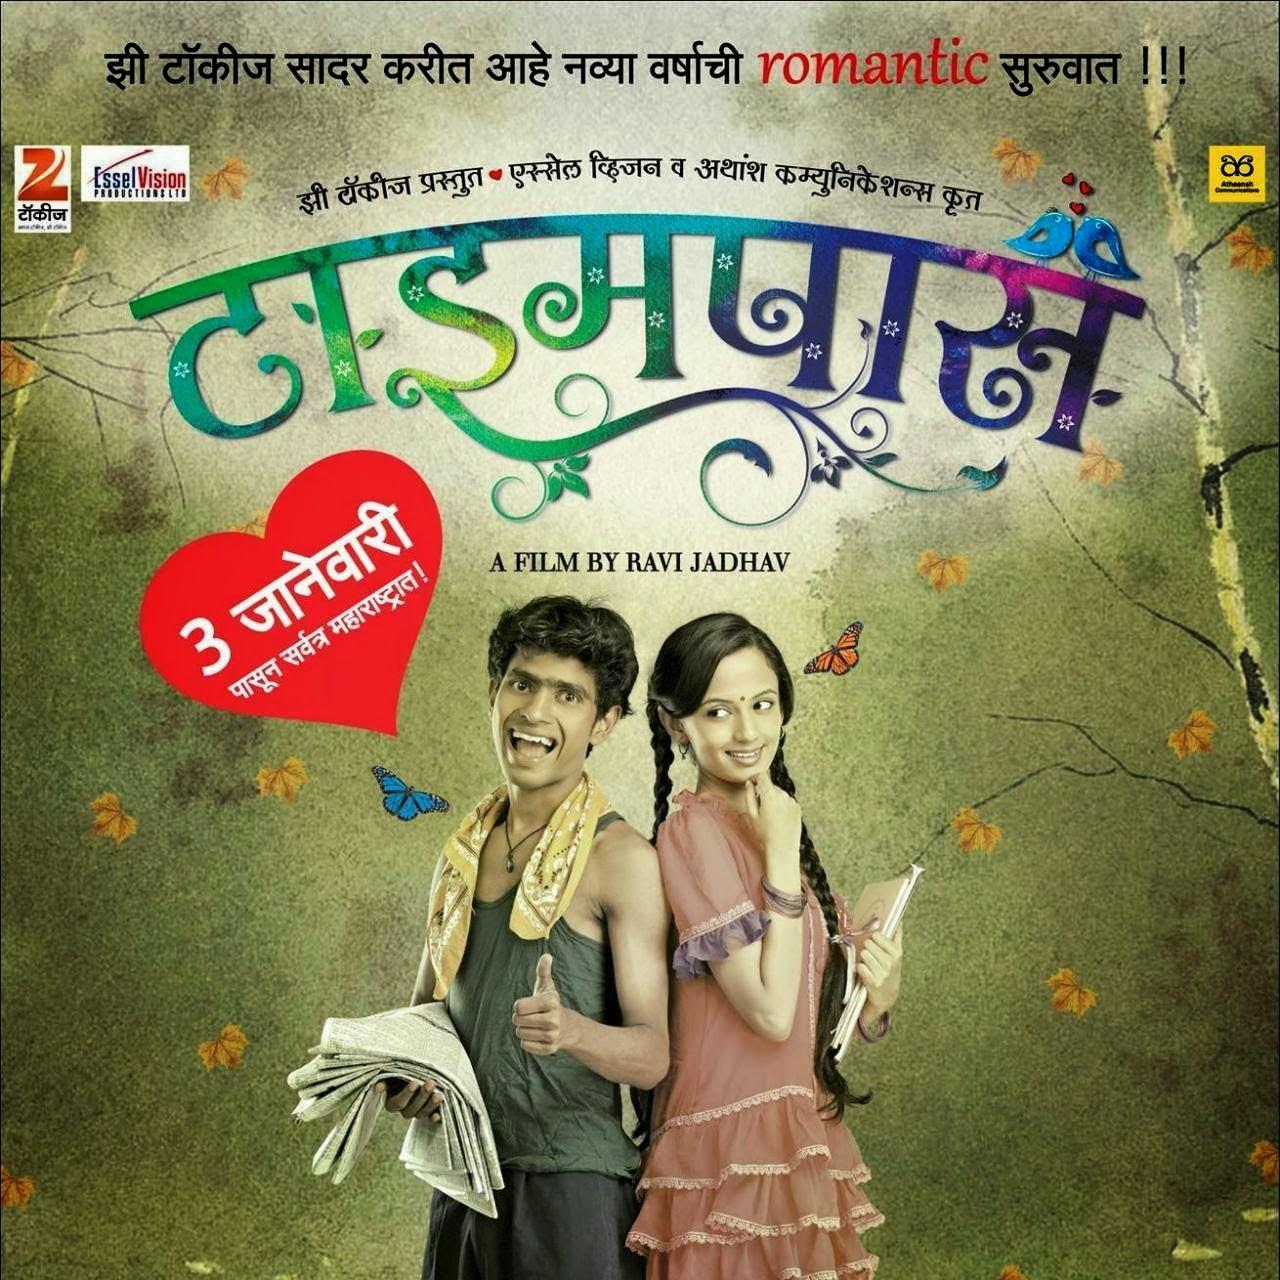 Subhakankshalu marathi movie song free download | prolpaycygbia.